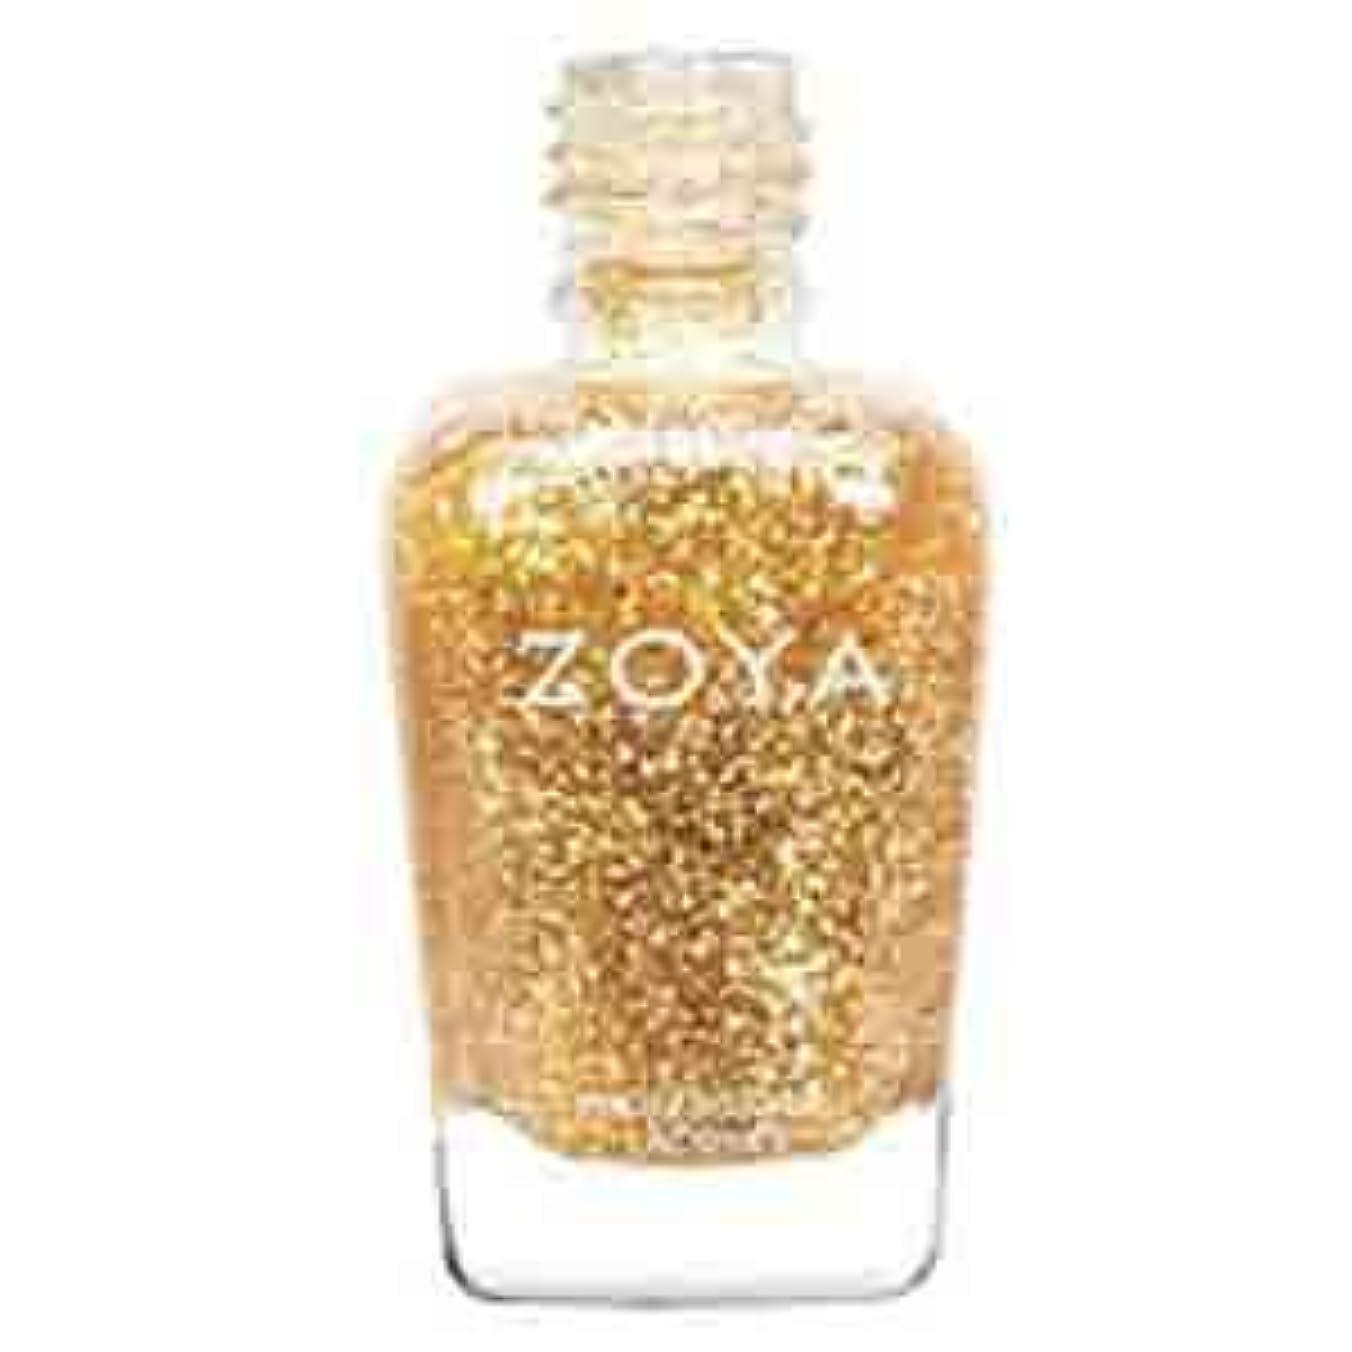 代表してたるみ粘着性【ZOYA 】ZP662-Maria-Luisa(Fallコレクション)